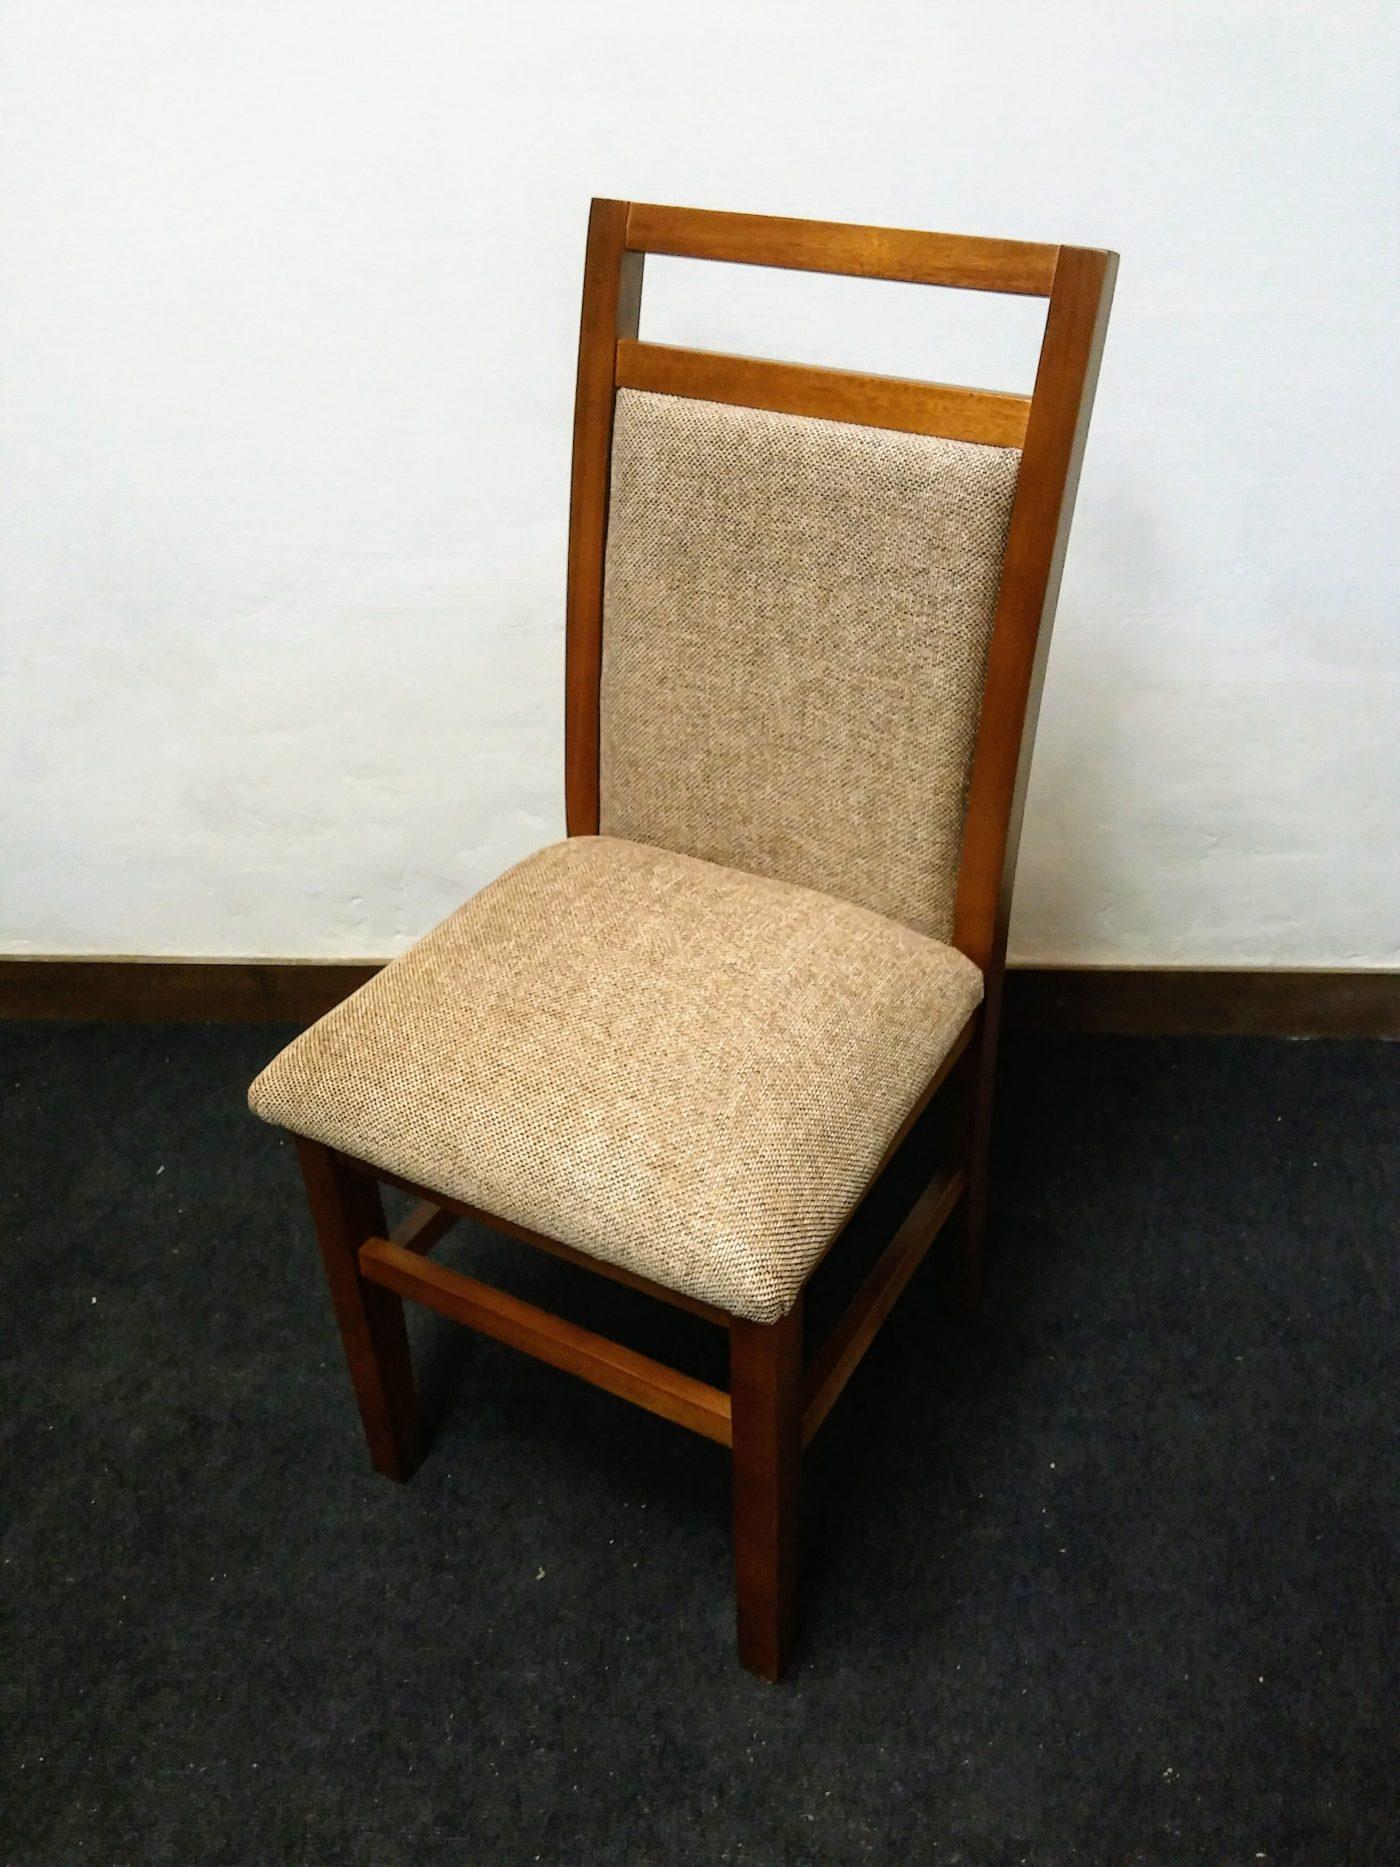 Sillas en madera y tapizadas omb muebles uruguay for Muebles madera maciza uruguay